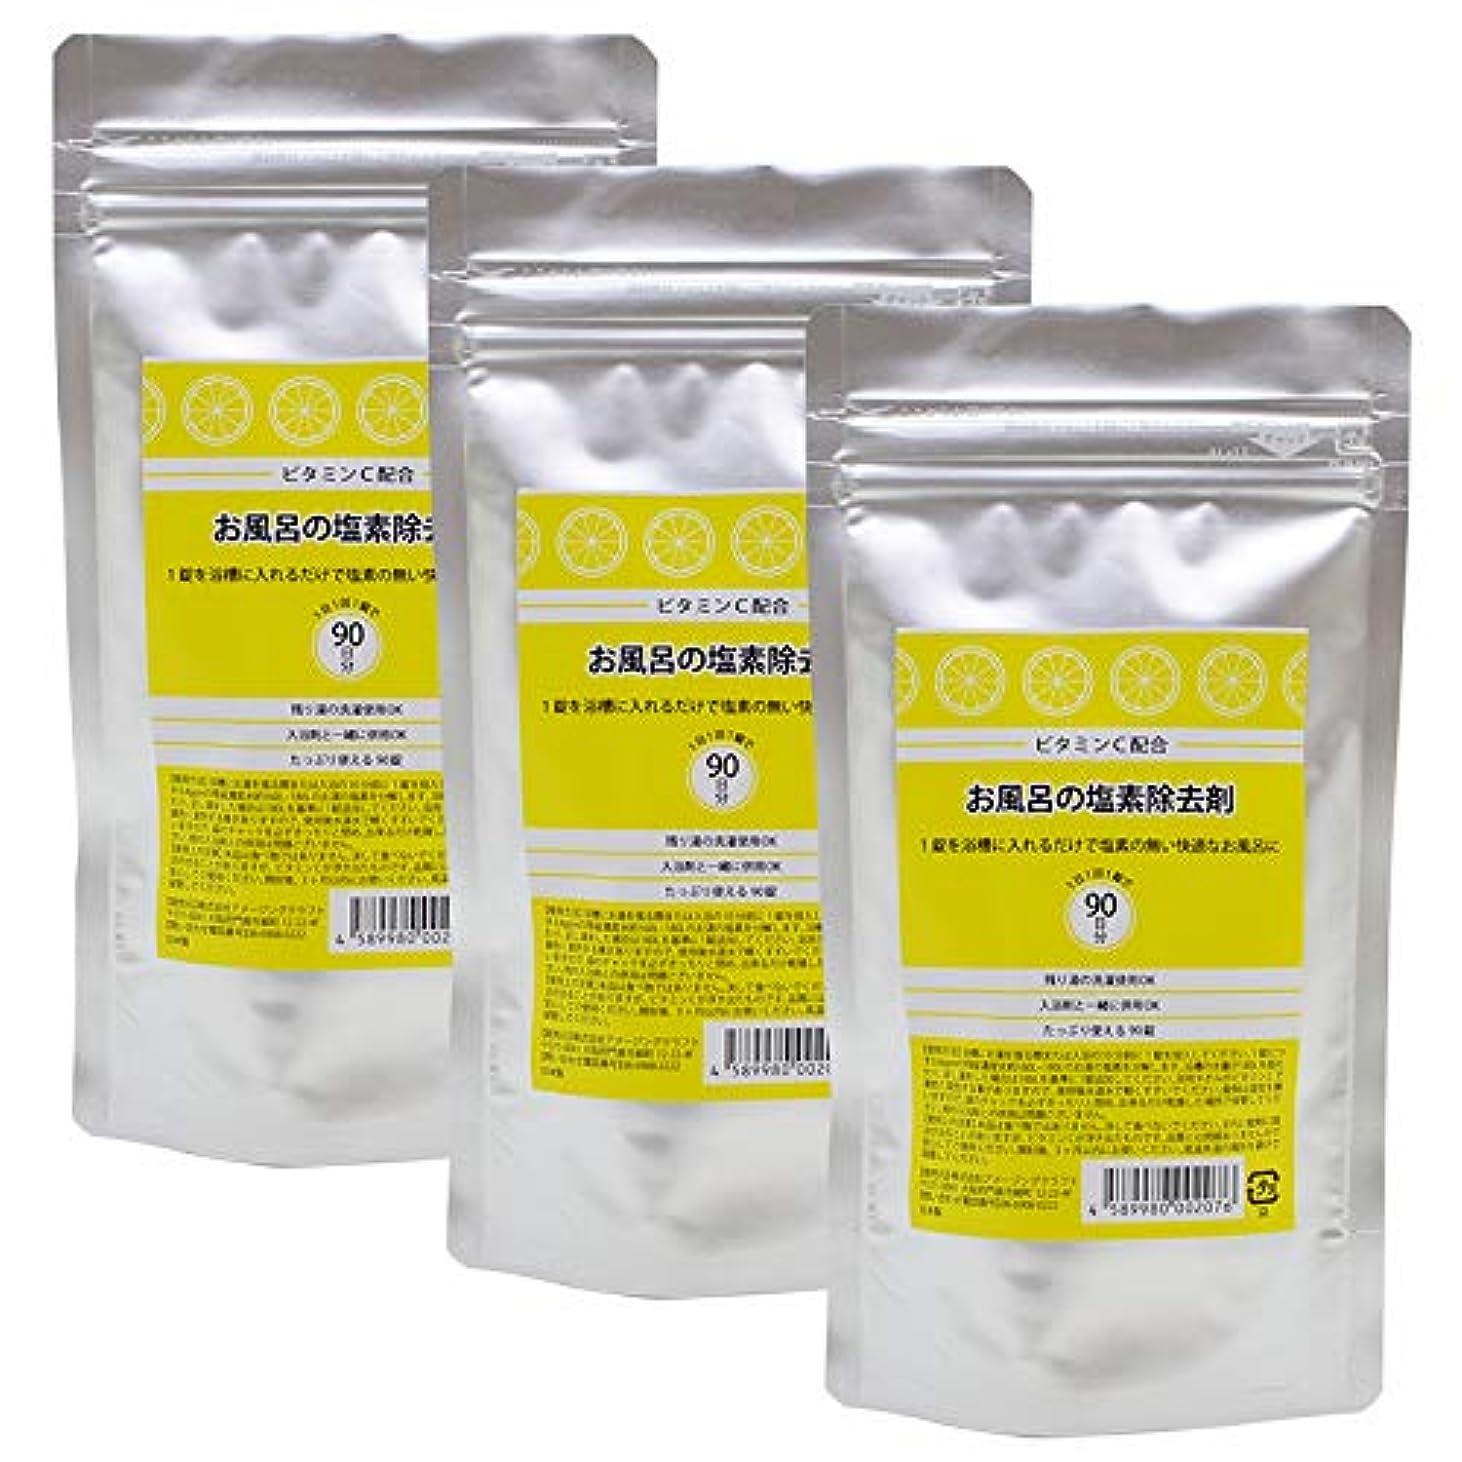 偽物誇張する石鹸ビタミンC配合 お風呂の塩素除去剤 錠剤タイプ 90錠 3個セット 浴槽用脱塩素剤